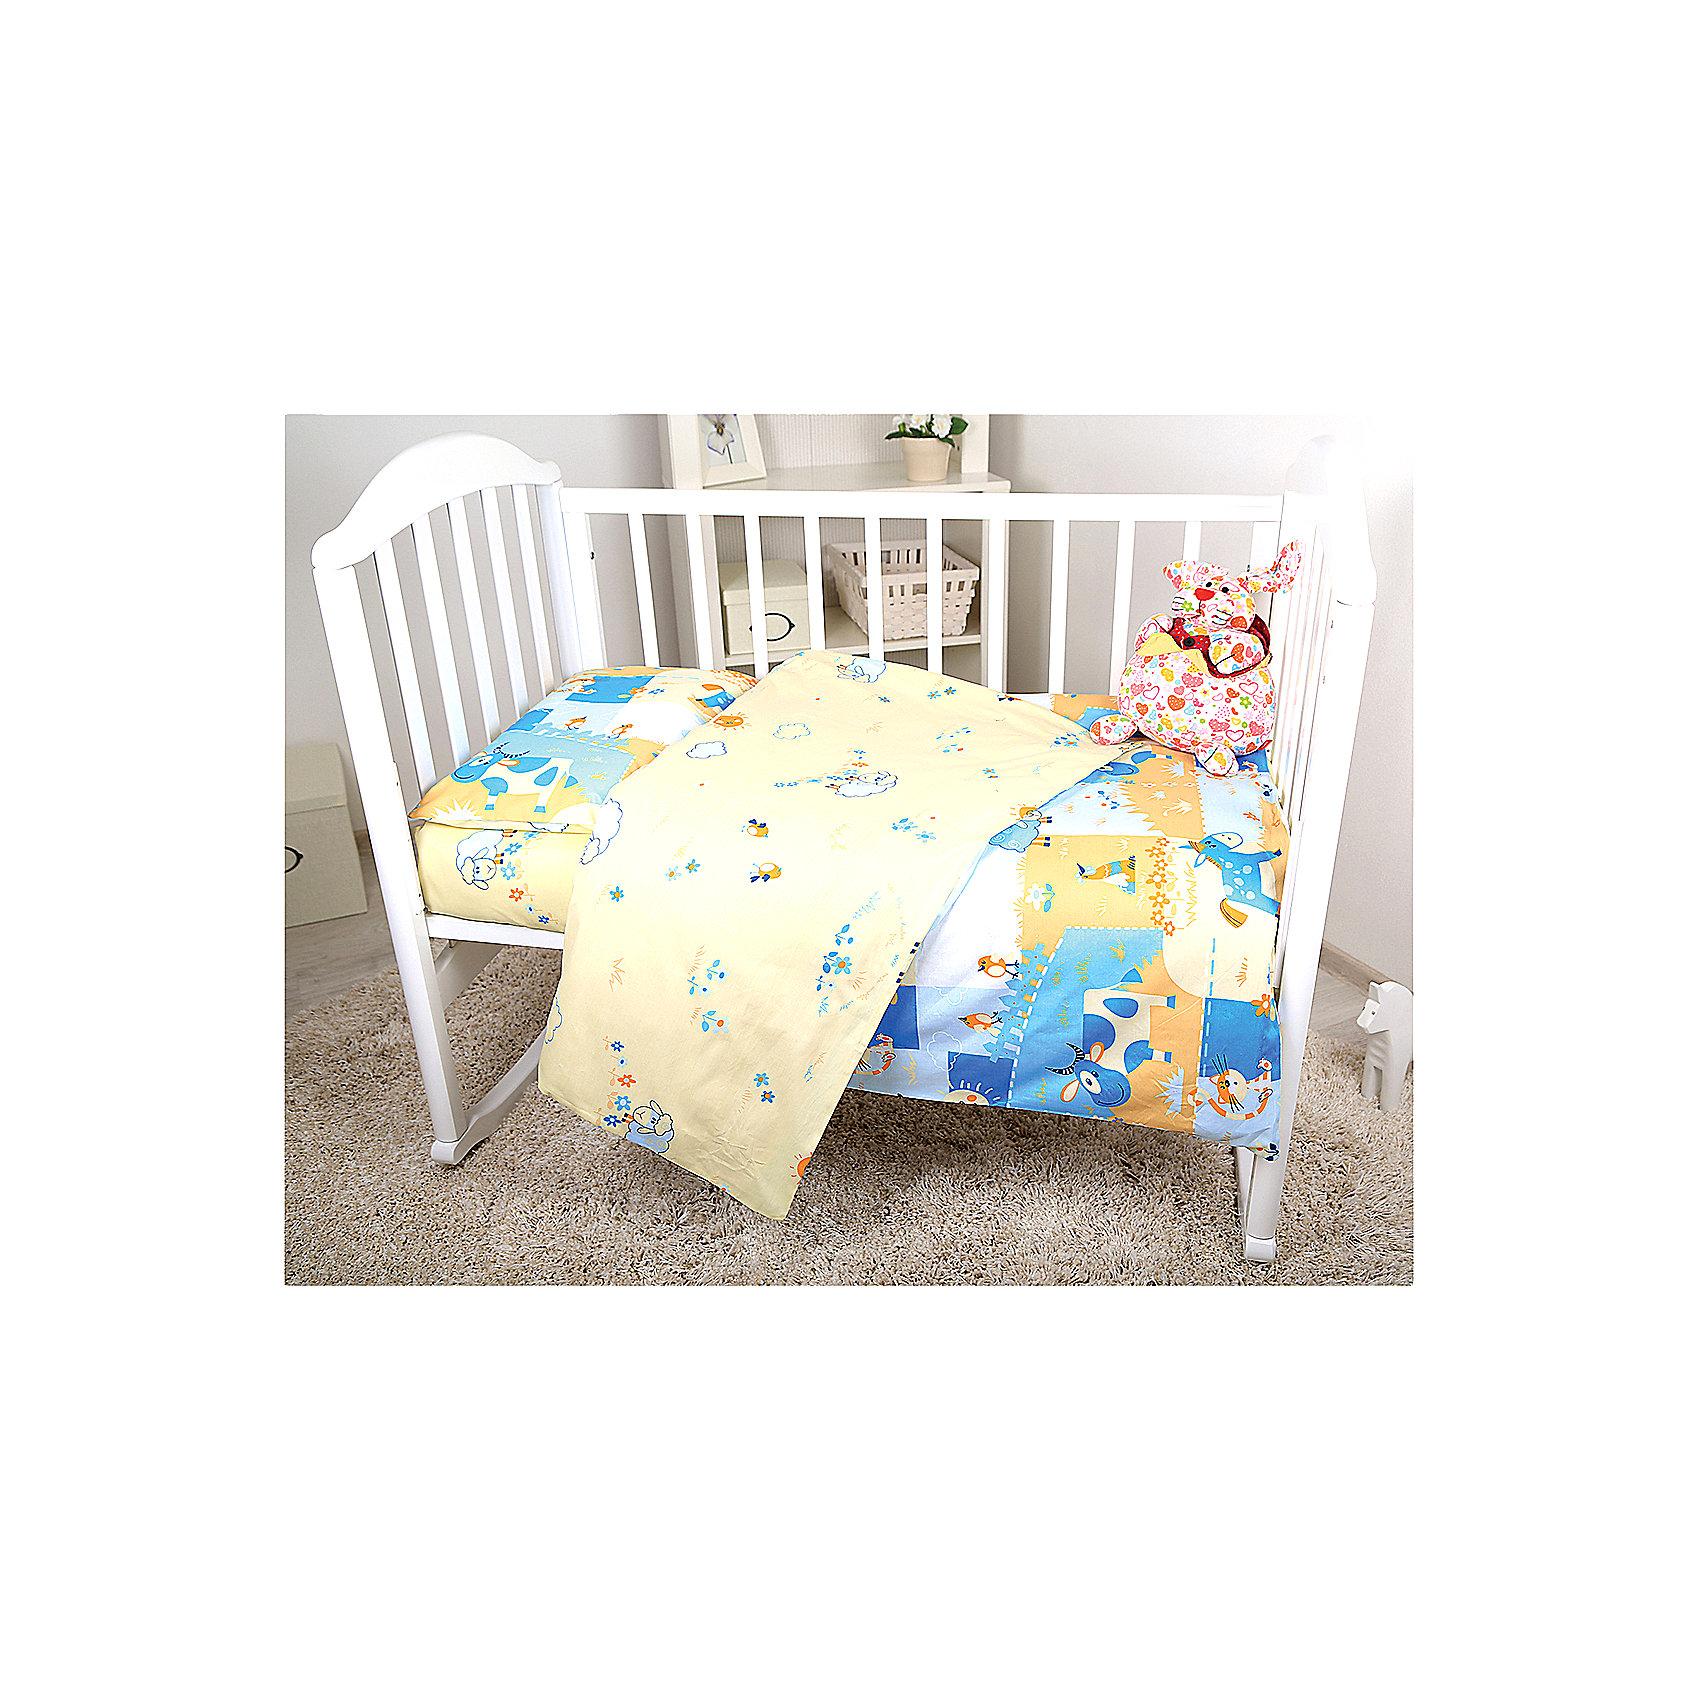 Постельное белье Ферма, 3пред., Baby Nice, голубой3 предмета<br>Очаровательный комплект постельного белья прекрасно впишется в интерьер детской и порадует малышей милой расцветкой, а их родителей - качеством ткани и идеальной обработкой швов. Сатин - ткань, произведенная из хлопковых волокон, скрученных и переплетенных двойным переплетением. Благодаря такому изготовлению, материал получается очень гладким и приятным к телу. Сохраняя при этом основные свойства хлопка, сатин прекрасно пропускает воздух, позволяя телу дышать, не линяет после стирки, абсолютно гипоаллергенен. <br><br>Дополнительная информация:<br><br>- Комплектация: наволочка, простыня, пододеяльник.<br>- Материал: сатин (100% хлопок).<br>- Размер: наволочка 40х60 см, пододеяльник 147х112 см., простыня 147х100 см.<br>- Цвет: голубой. <br>- Декоративные элементы: принт.<br><br>Комплект постельного белья Ферма, Baby Nice (Беби Найс), голубой, можно купить в нашем магазине.<br><br>Ширина мм: 20<br>Глубина мм: 5<br>Высота мм: 25<br>Вес г: 700<br>Возраст от месяцев: 0<br>Возраст до месяцев: 60<br>Пол: Мужской<br>Возраст: Детский<br>SKU: 4058270